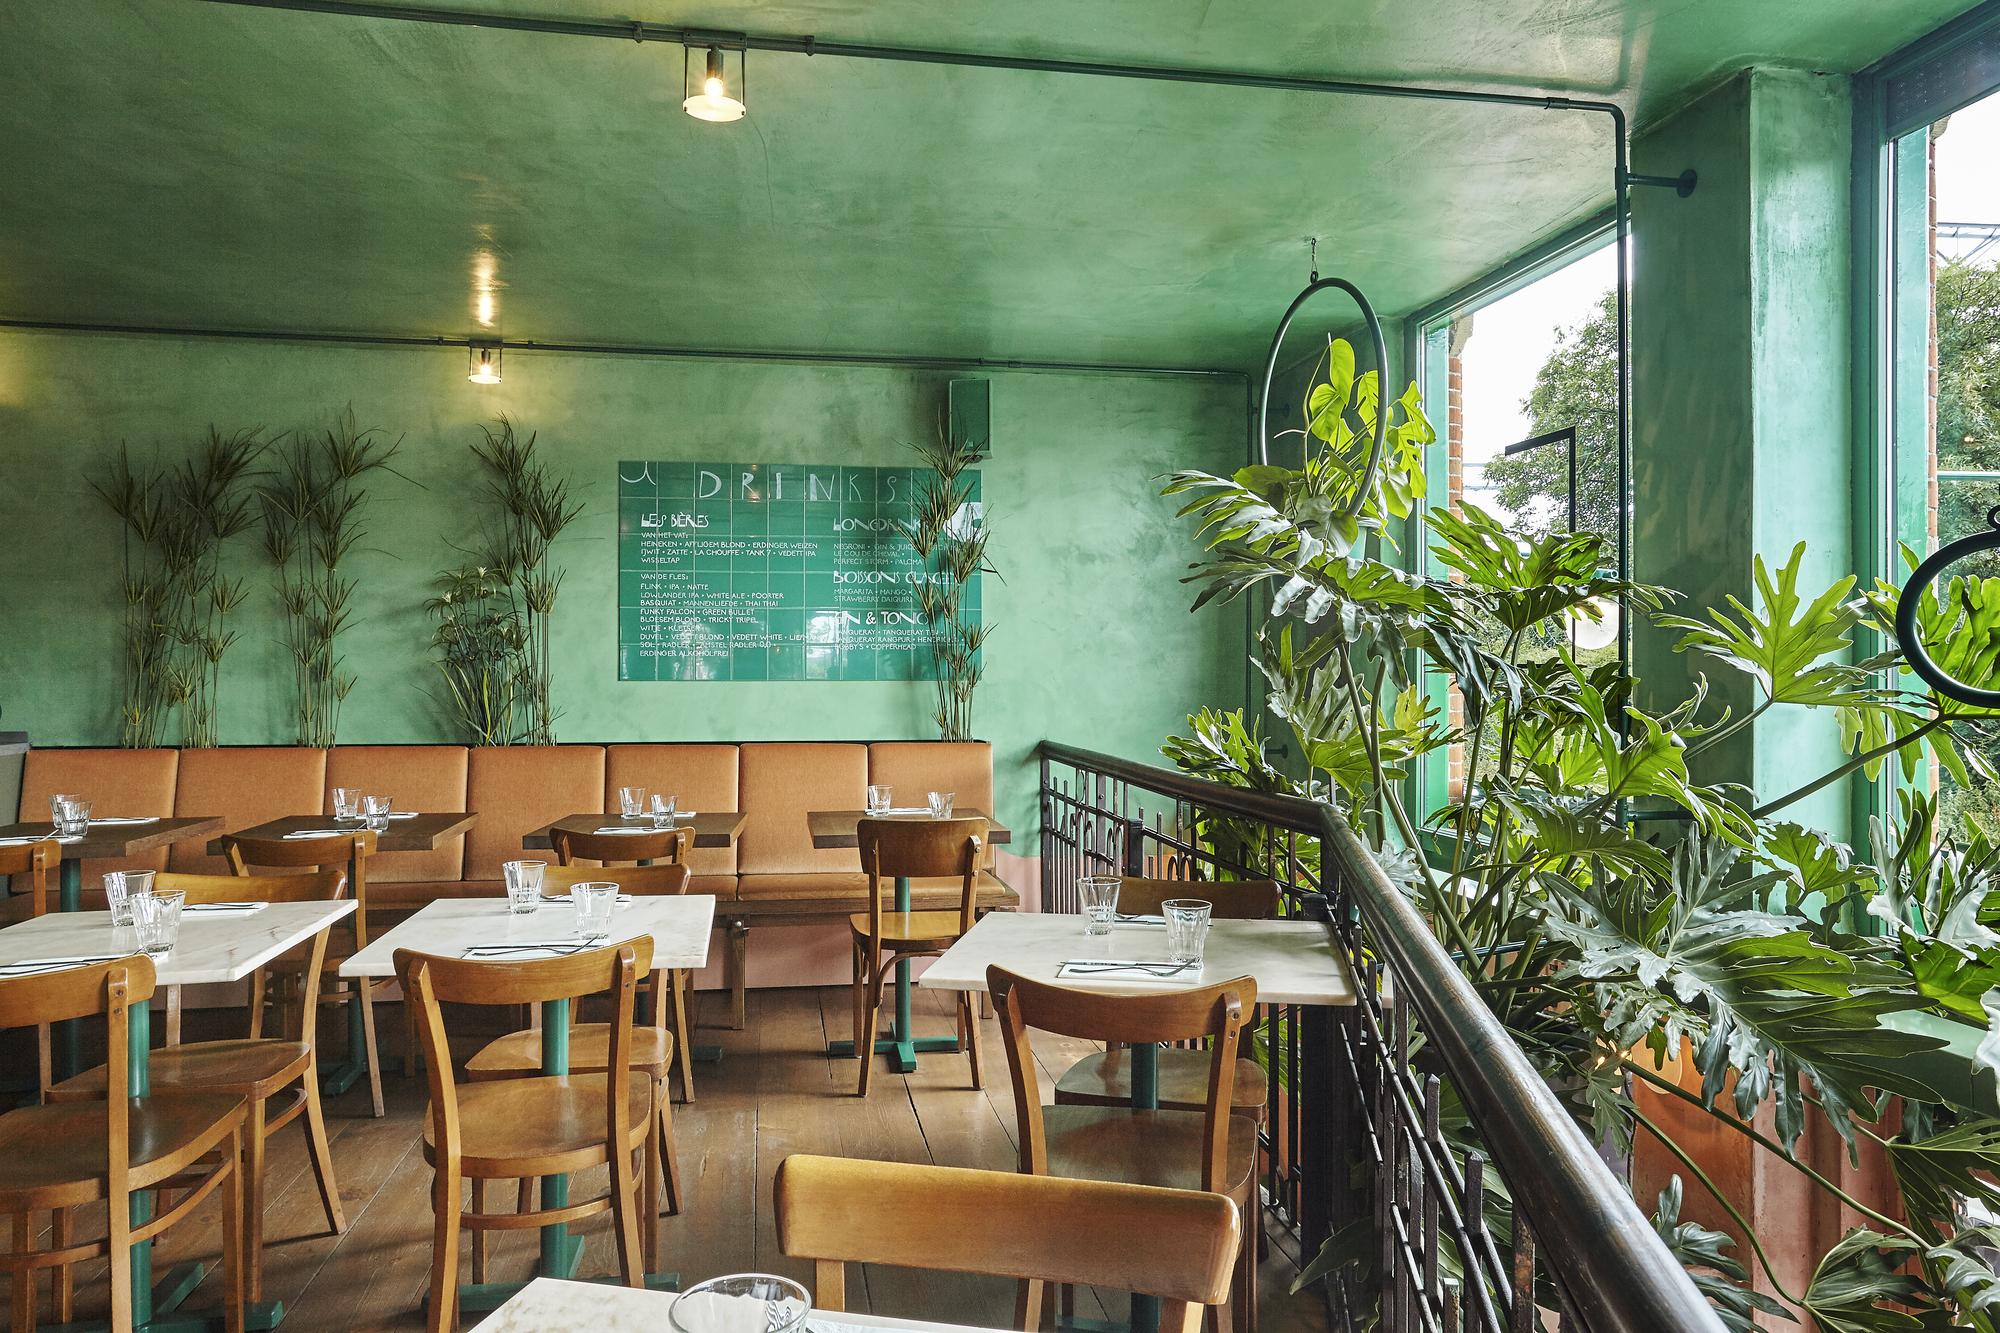 bar botanique cafe tropique / studio modijefsky | archdaily